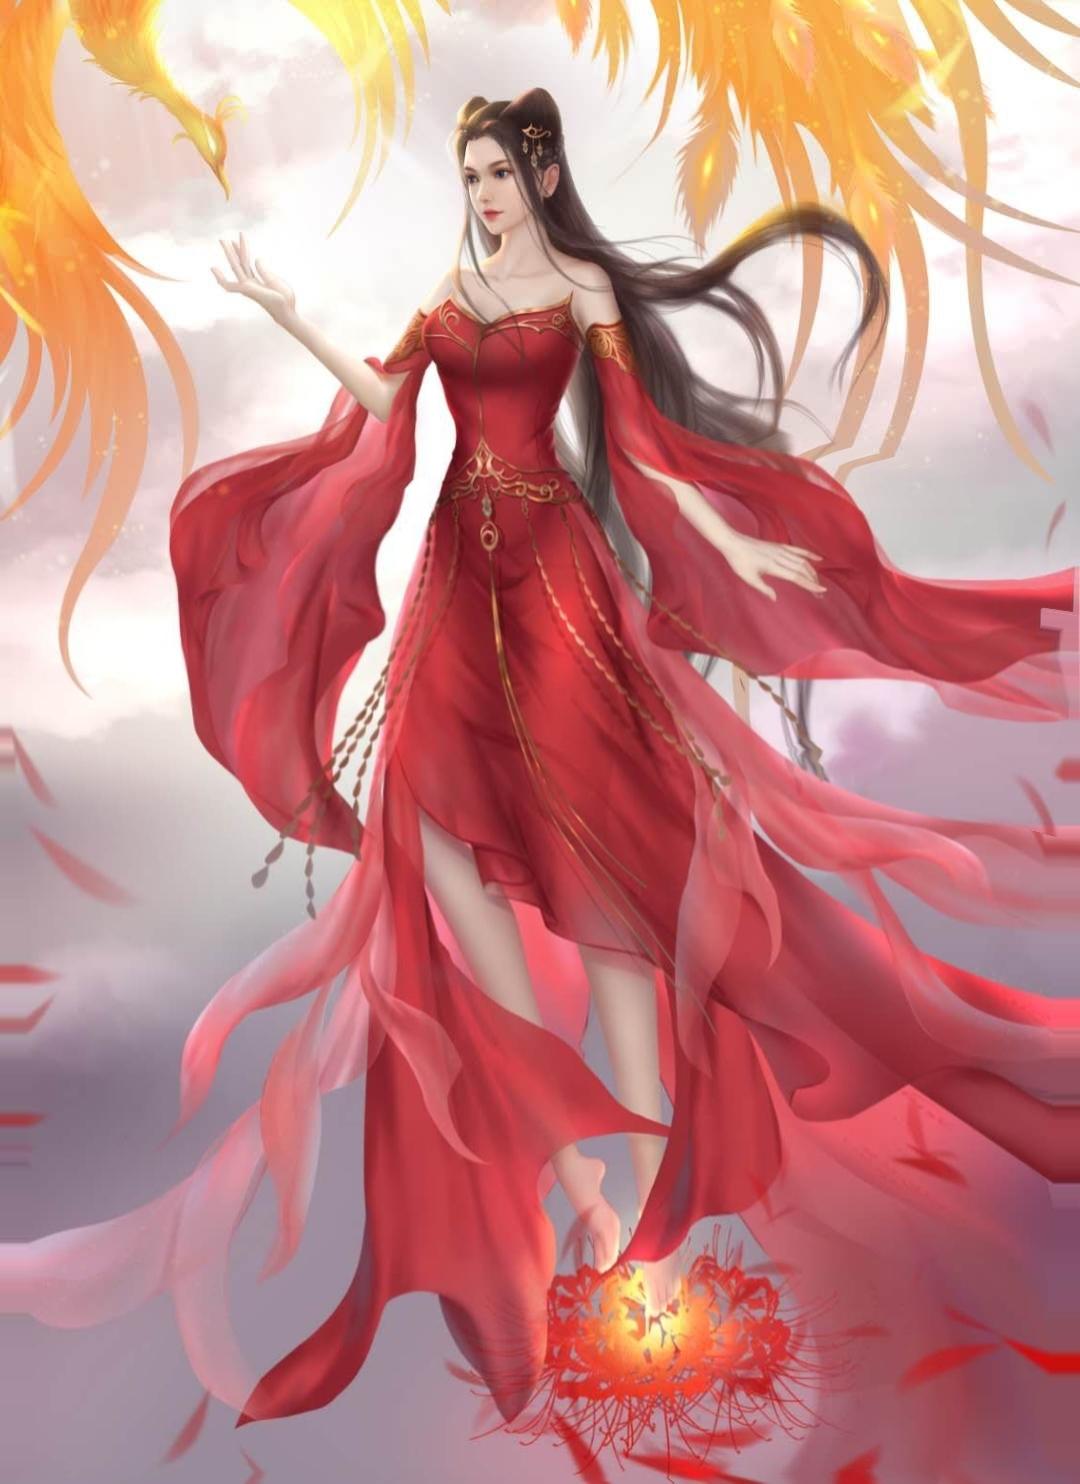 动画天行九歌焰灵姬手绘图片